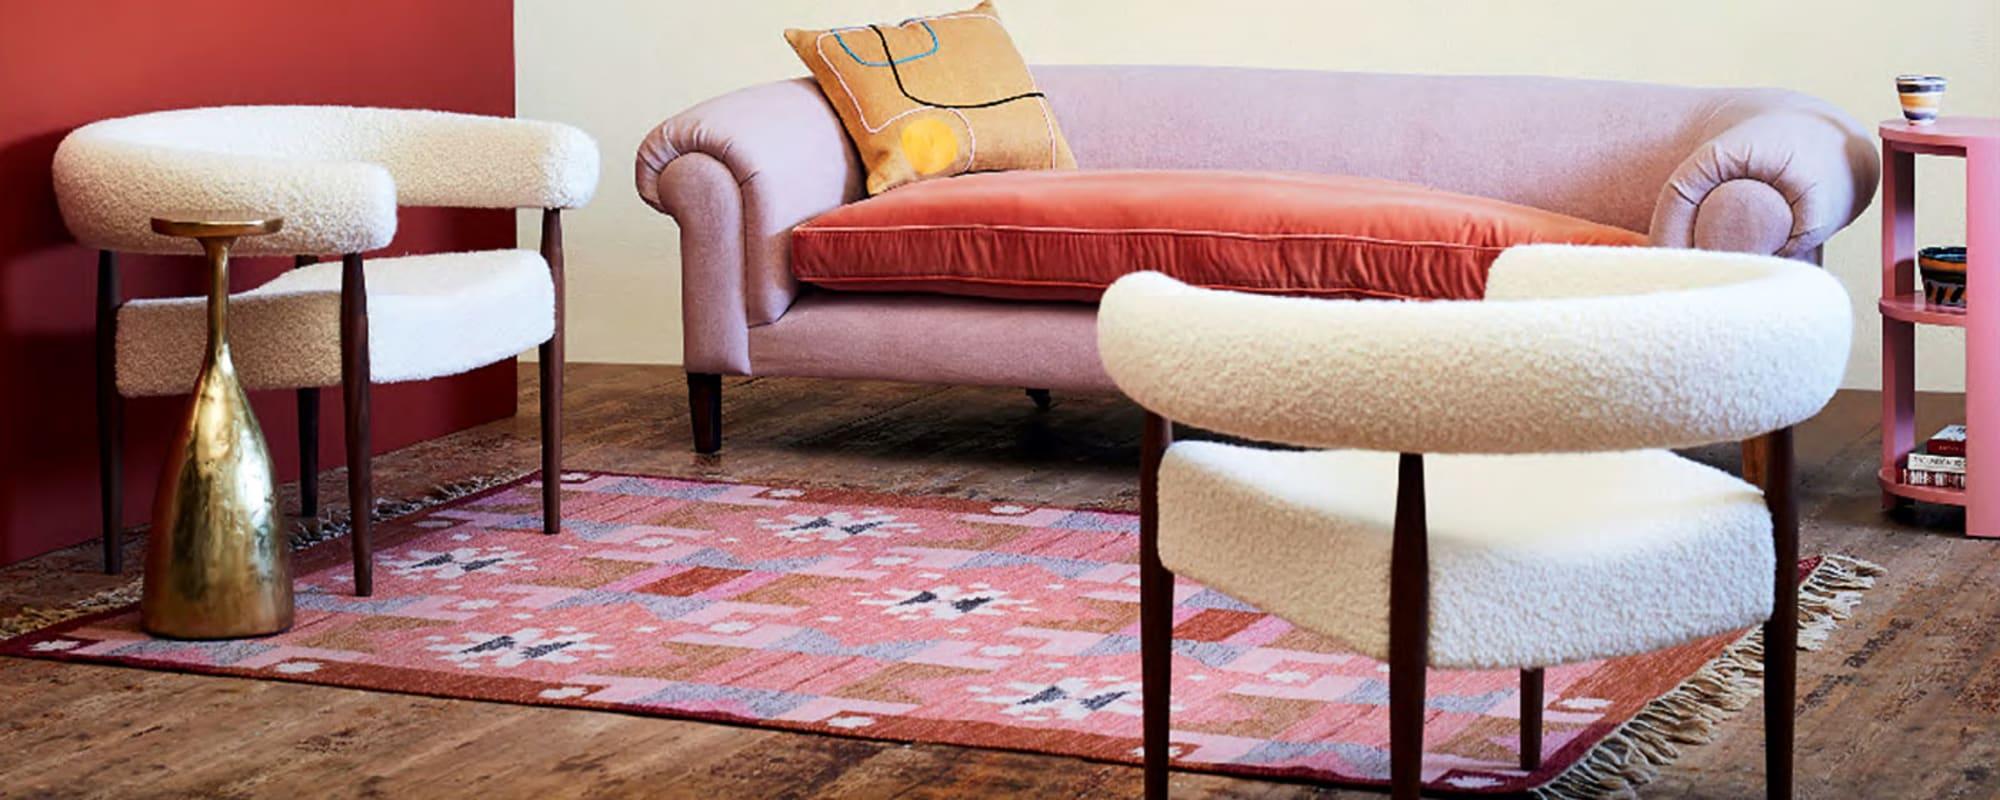 Altes sofa neue beziehen was braucht mann